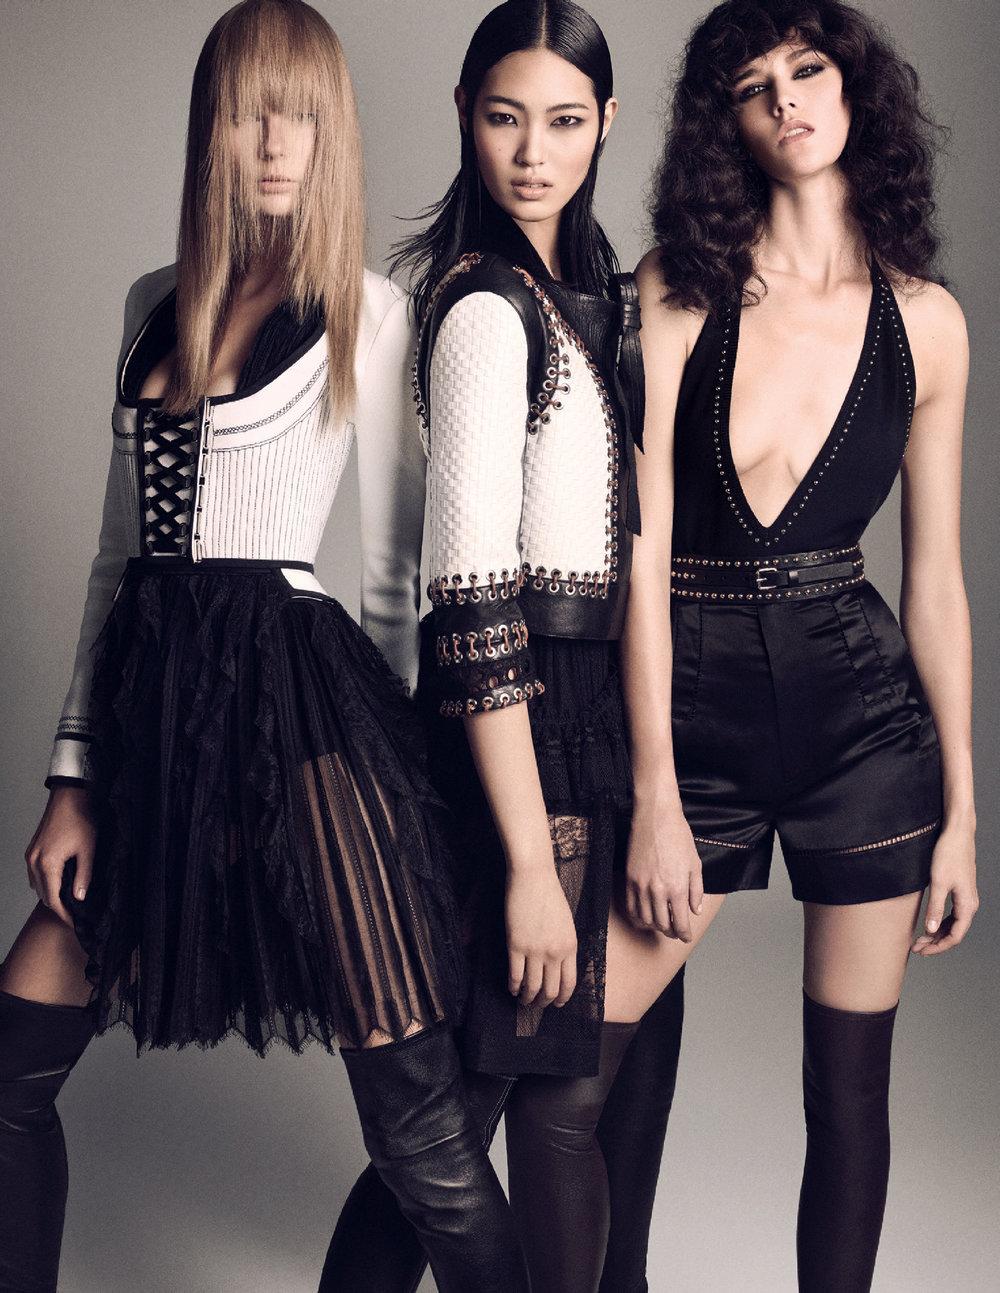 Giovanna-Battaglia-Vogue-Japan-March-2015-Digital-Generation-21.jpg